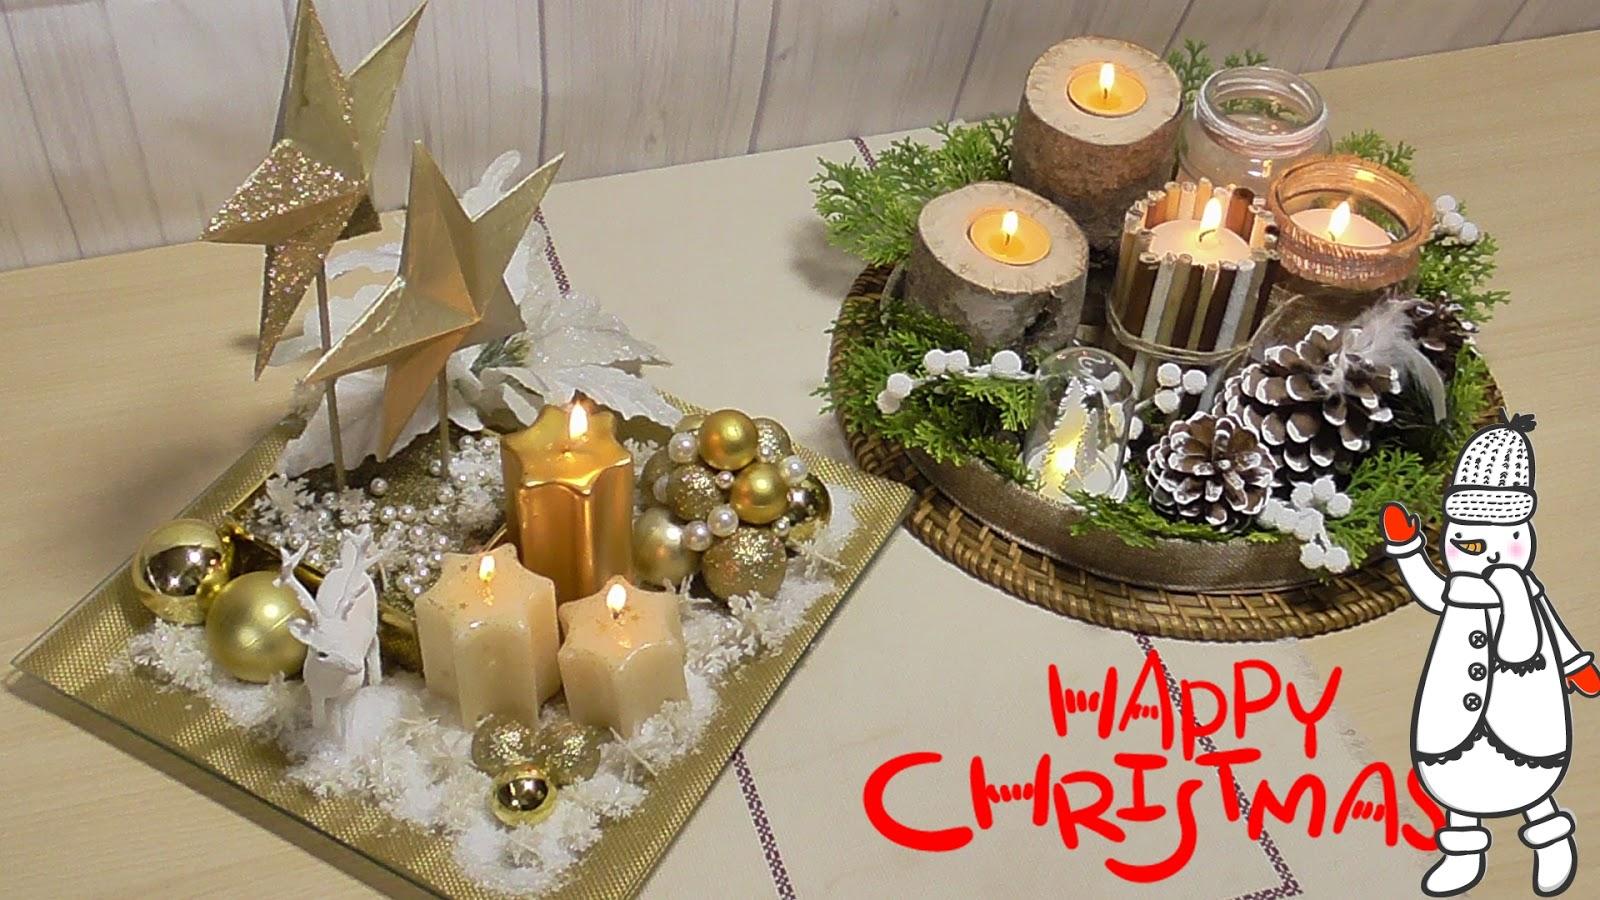 El rinc n de las manualidades caseras ideas para navidad - Ideas para arreglos navidenos ...